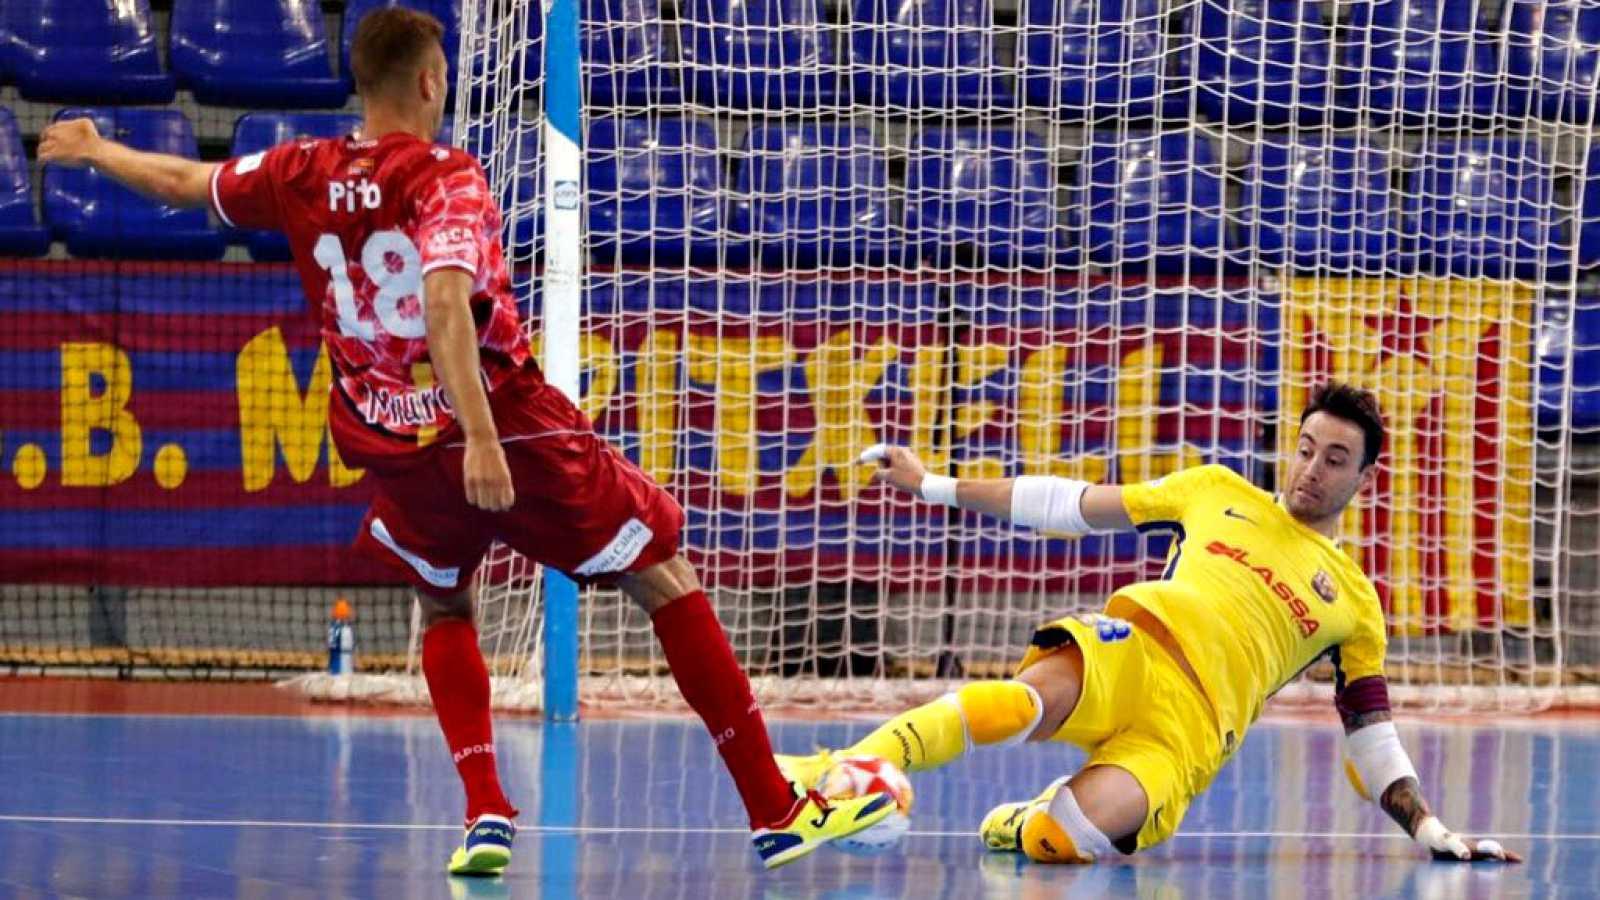 El Barça logra el primer punto de la eliminatoria ante ElPozo. El Inter gana con facilidad a Jaén